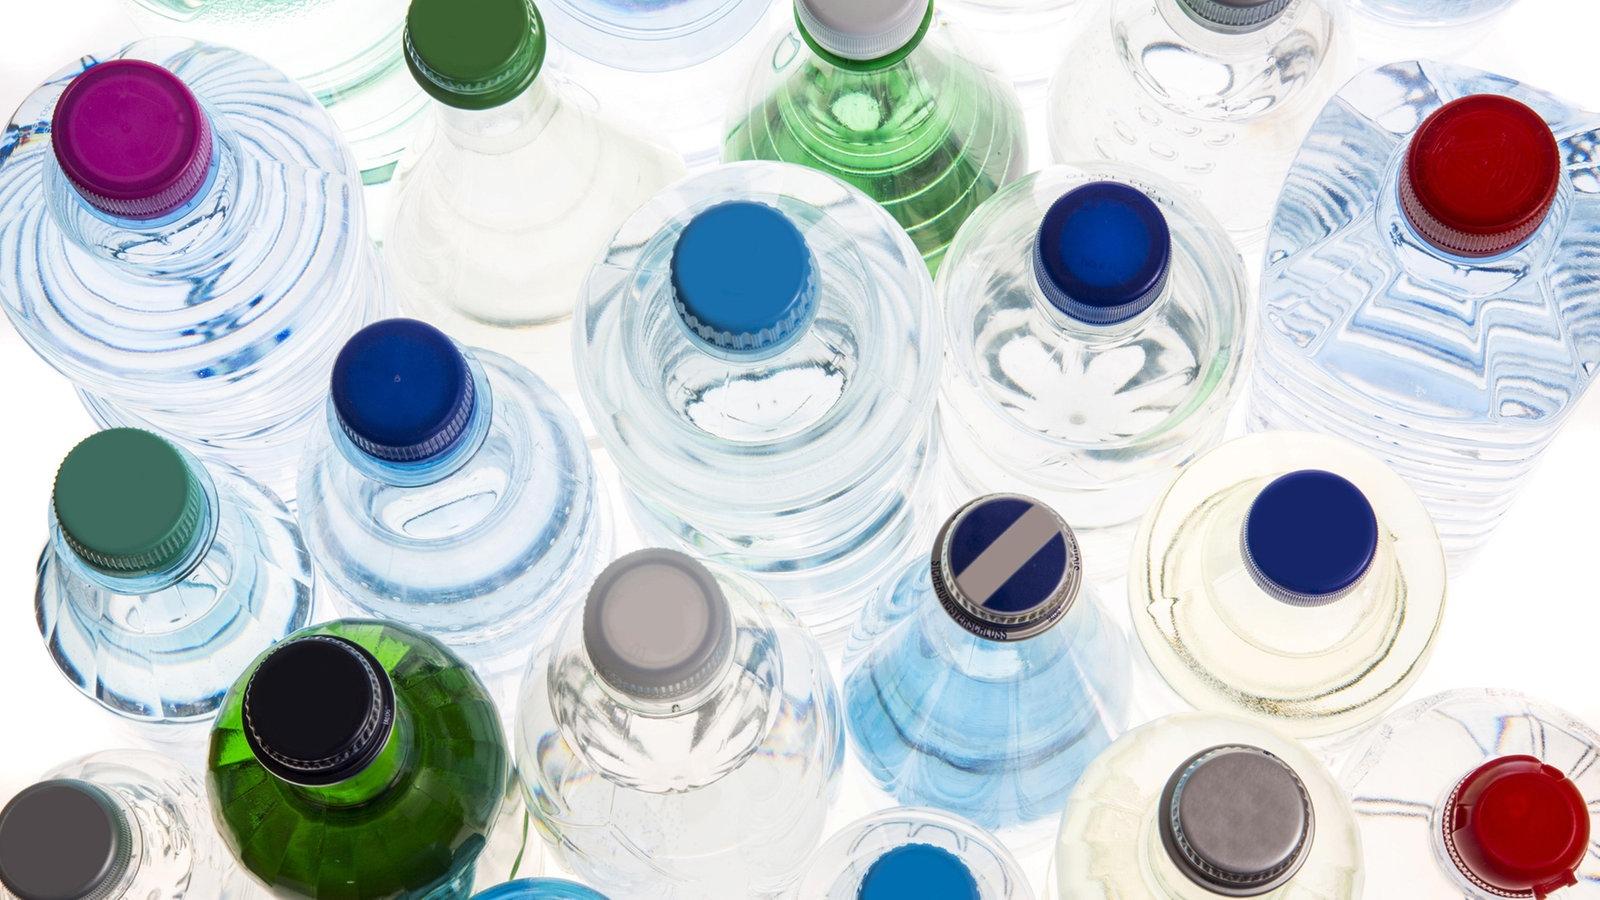 Drei Bastel Ideen Für Leere Pet Flaschen